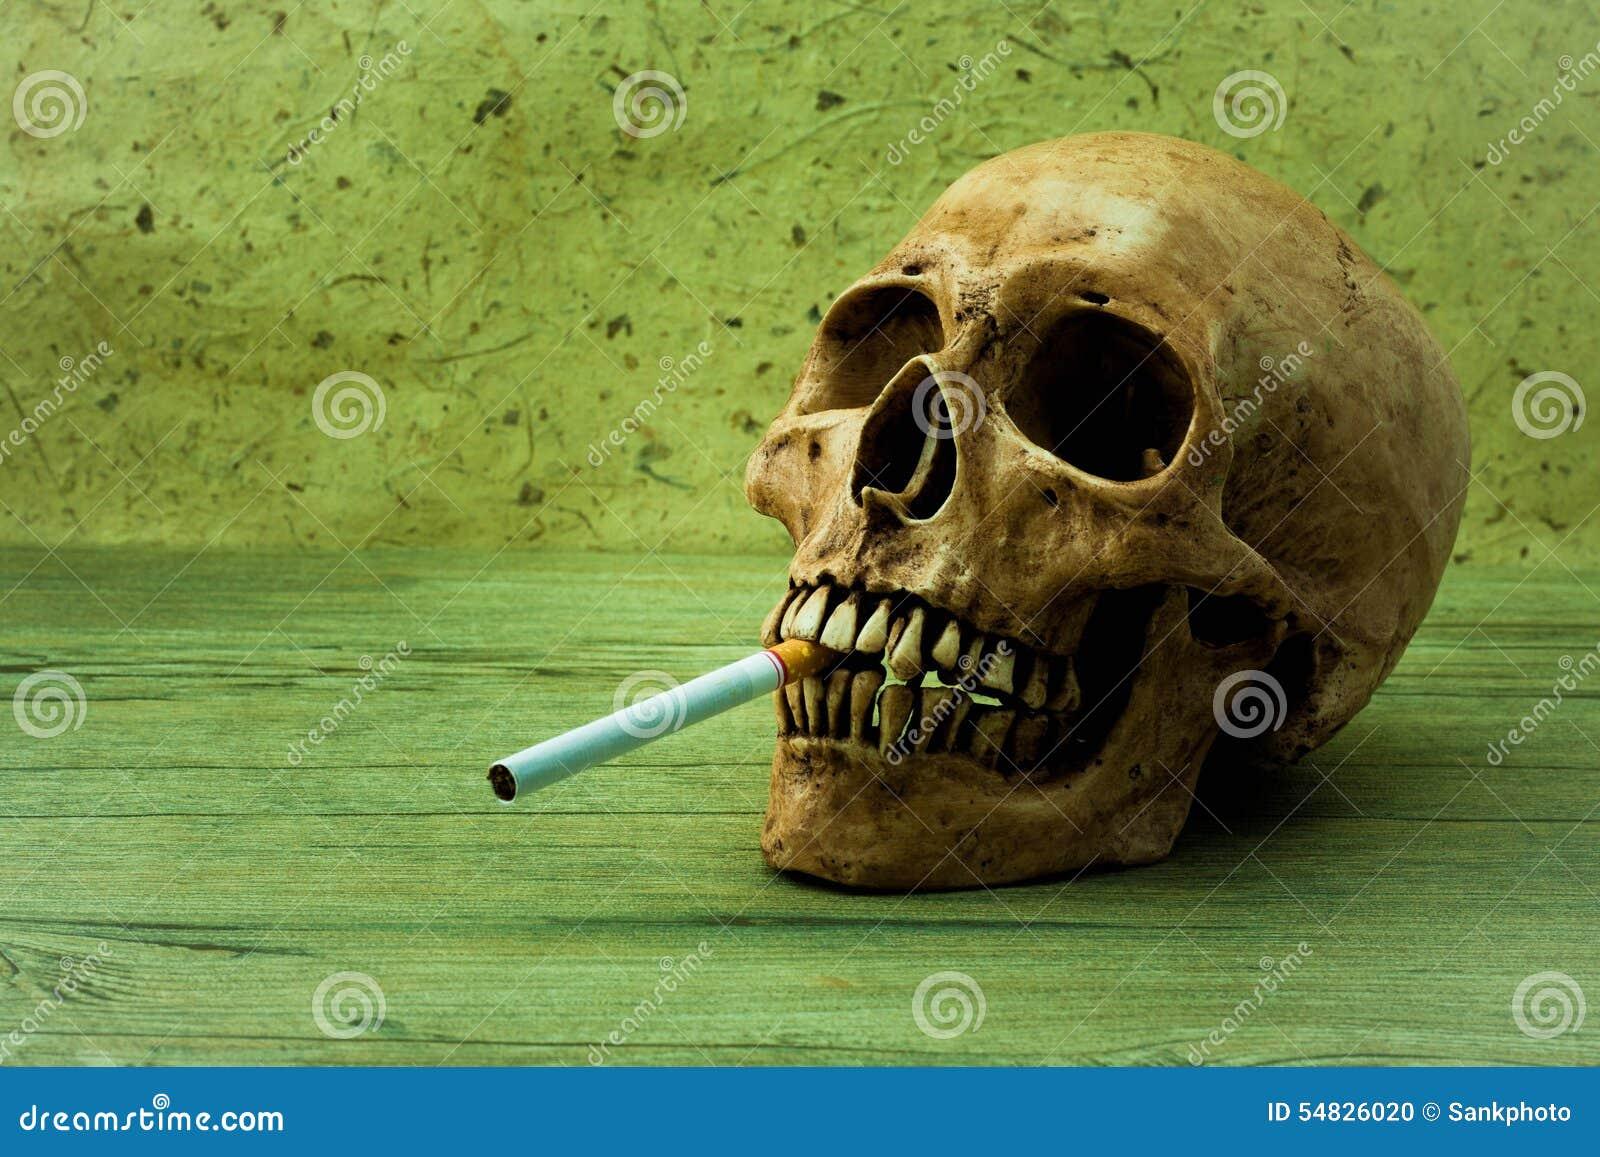 Курить может убить вас